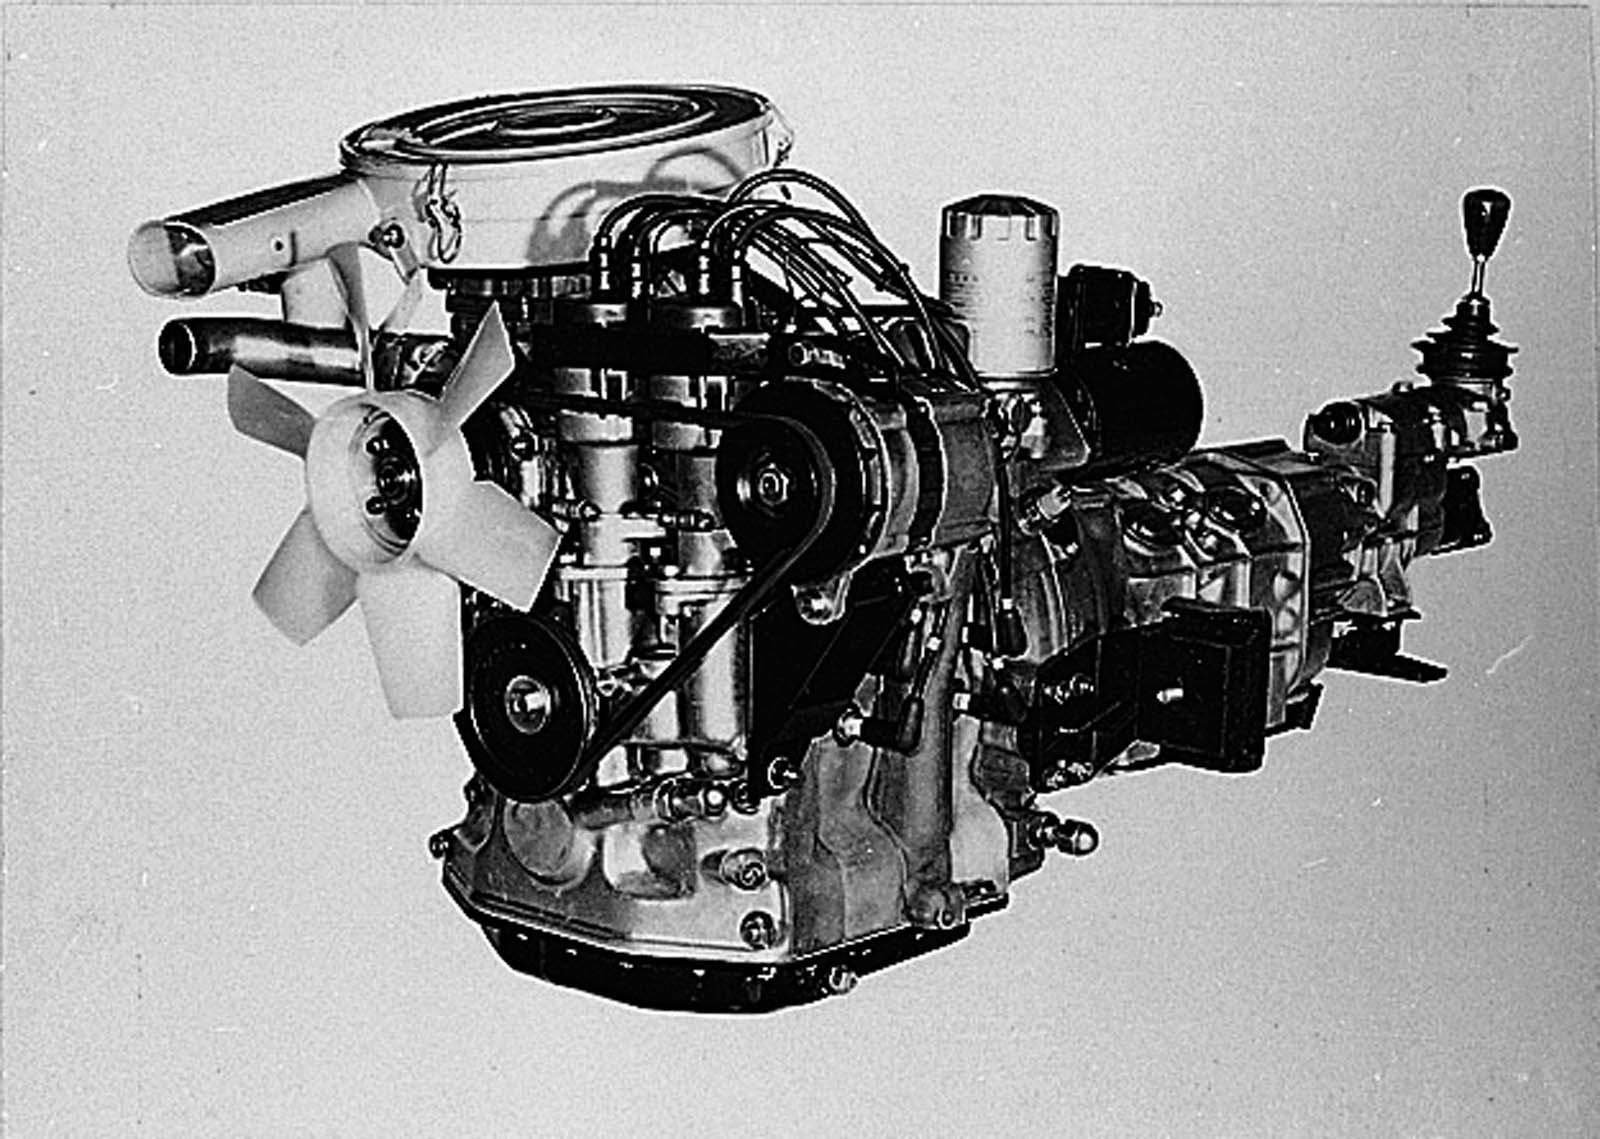 Mazda-50-years-of-rotary-p11_02